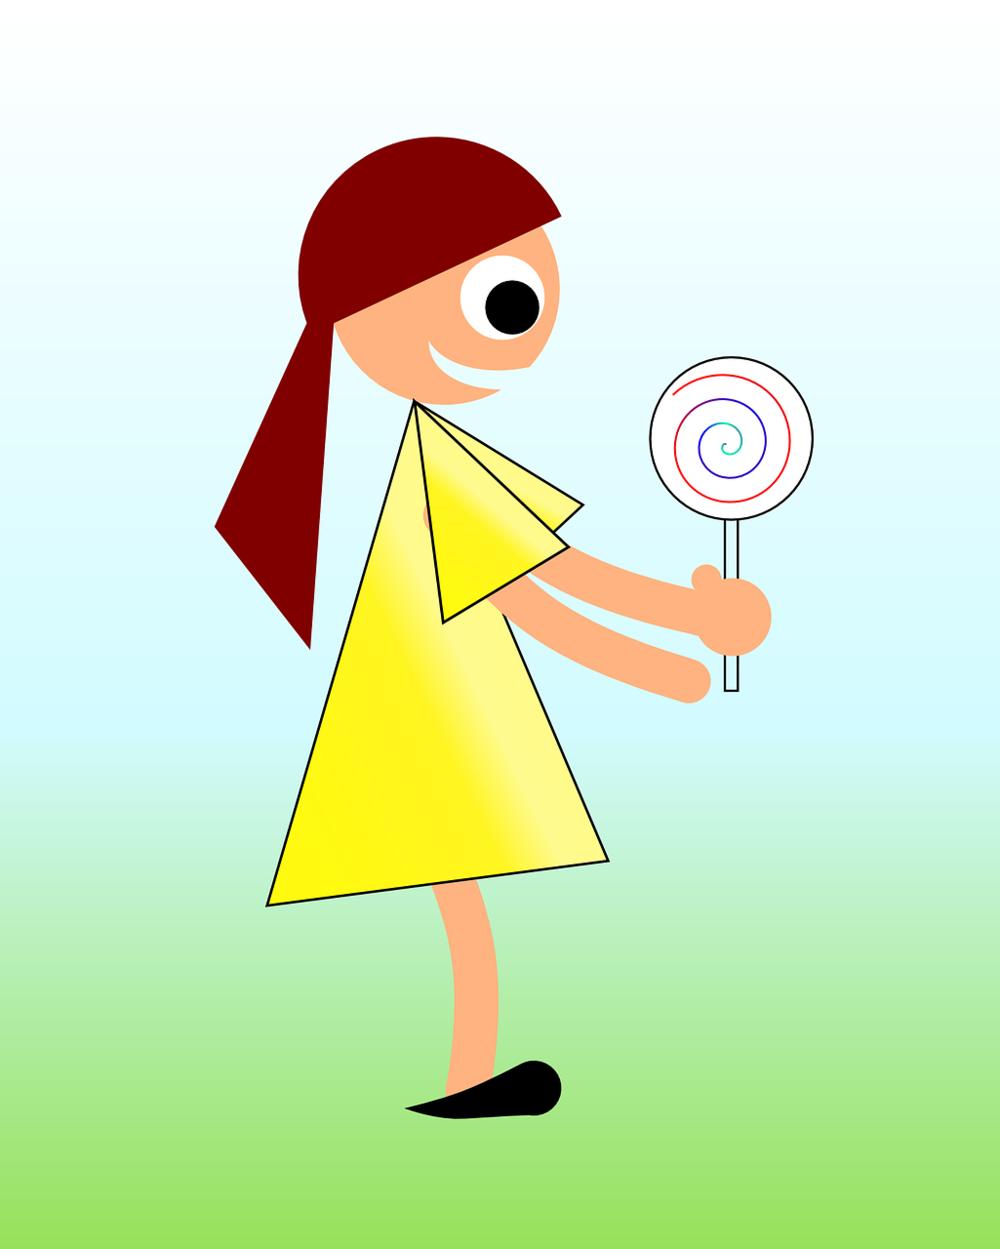 Image from Pixabay.com